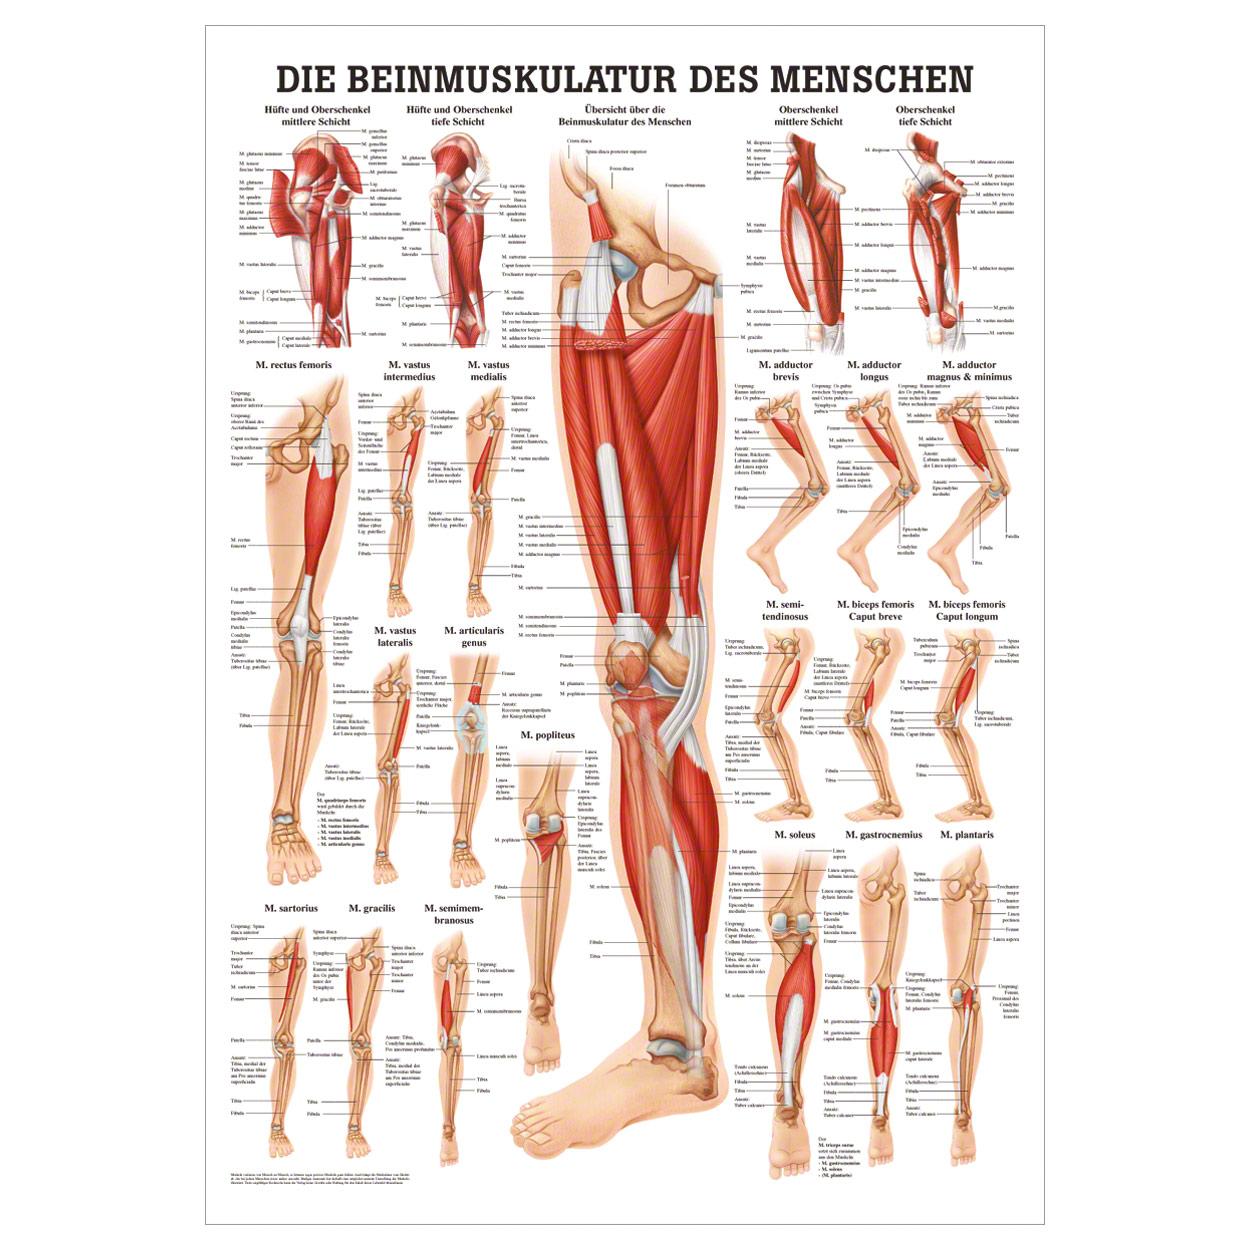 Beste Anatomie Beinmuskeln Fotos - Physiologie Von Menschlichen ...